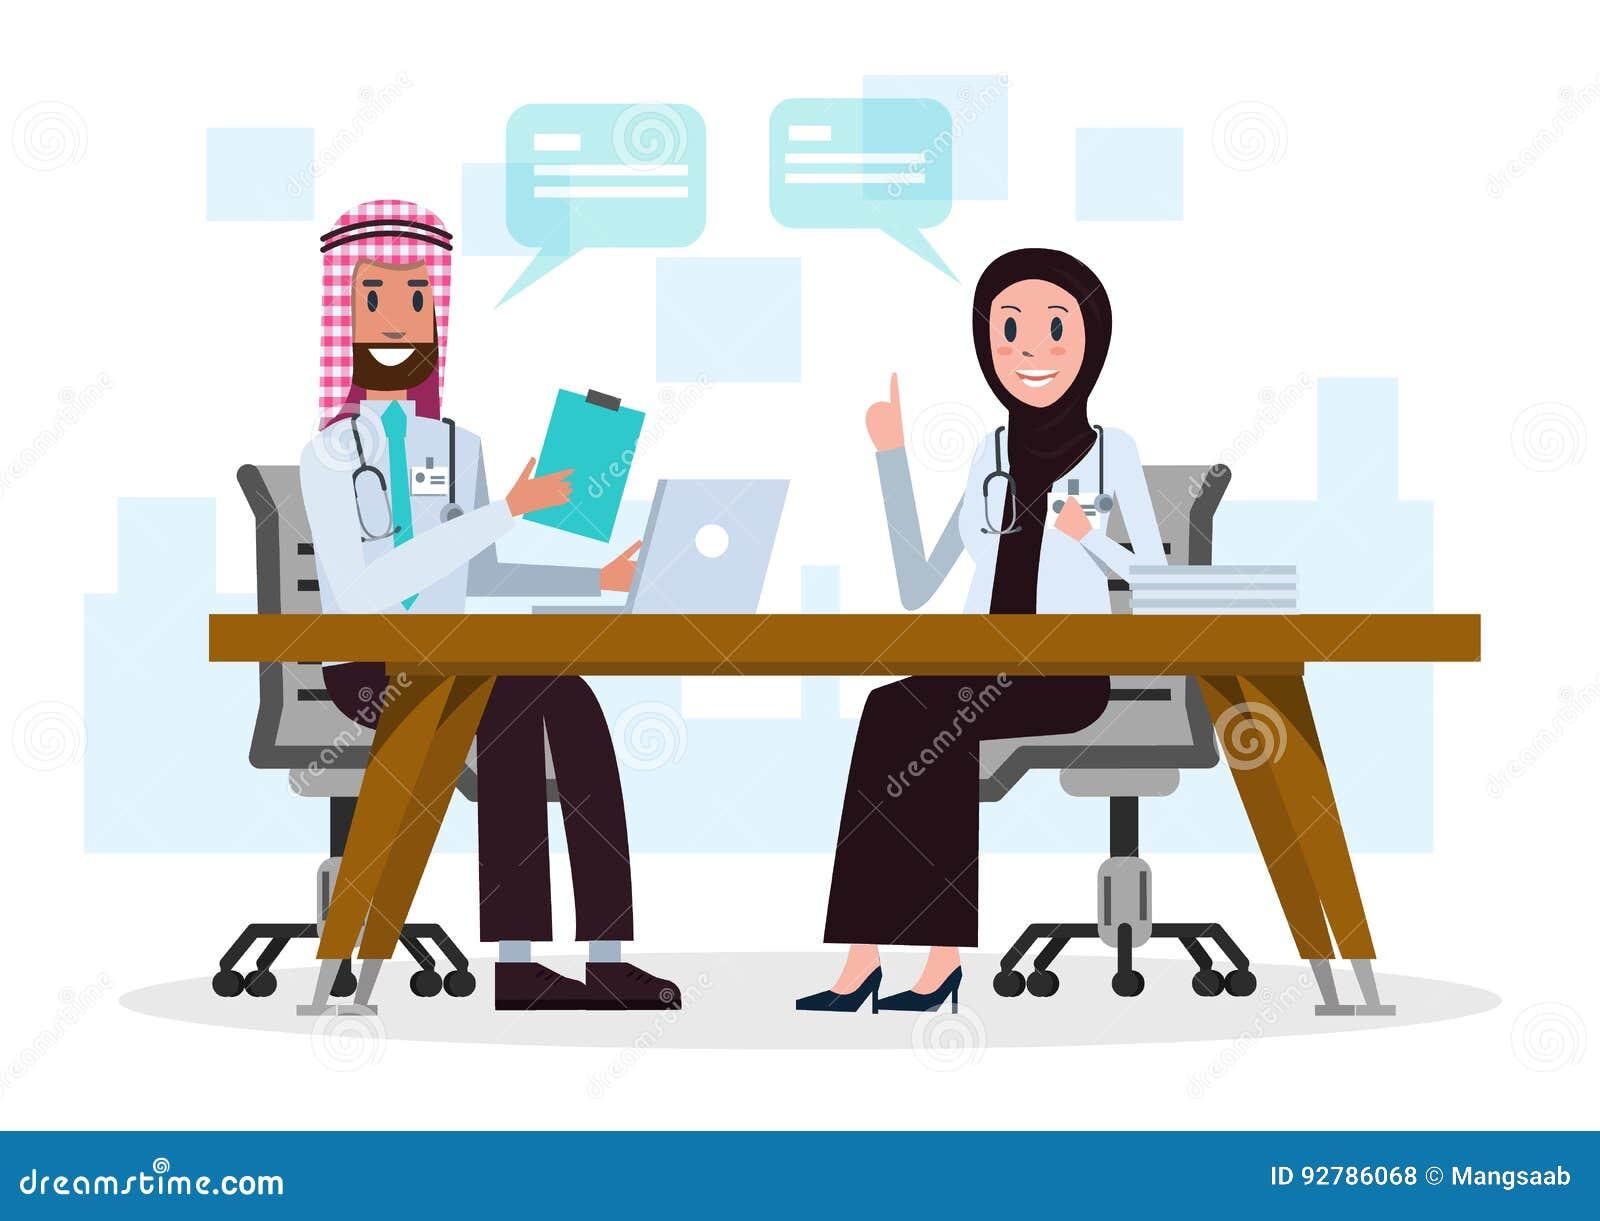 Parsaudier - araben manipulerar samtal om medicinskt fall i rummet